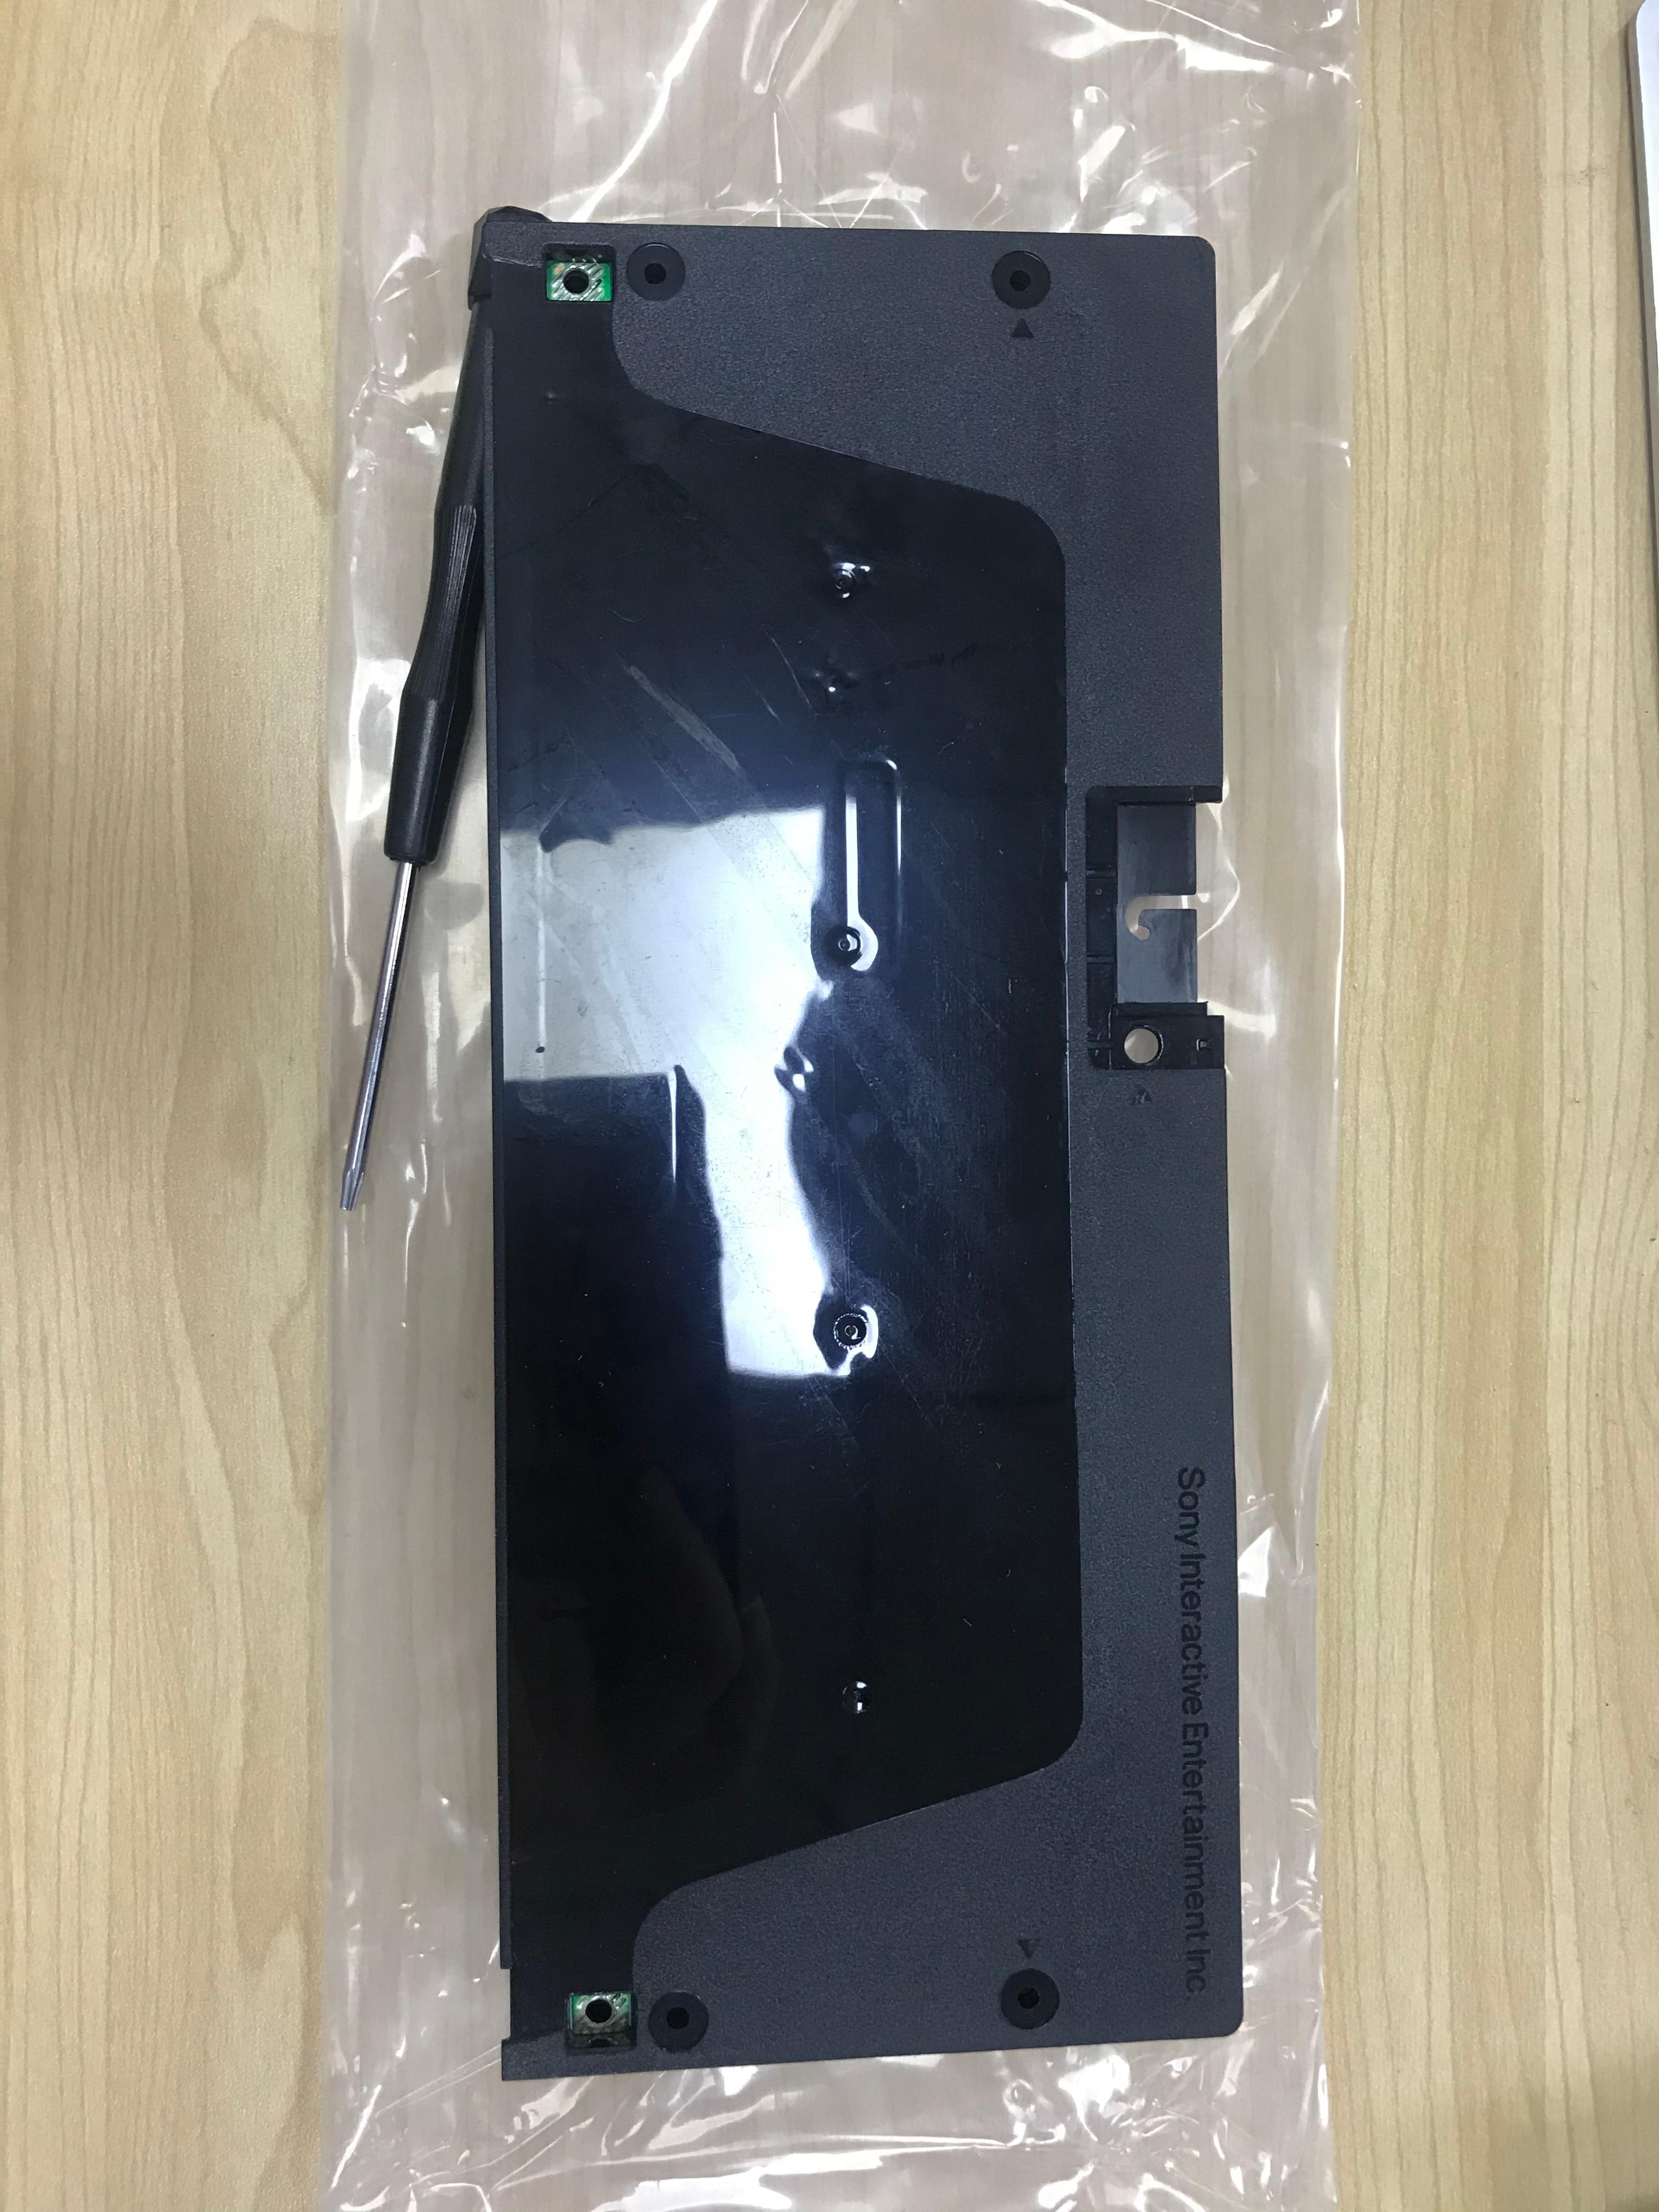 Adaptateur d'alimentation pour Console PS4 slim ADP 160CR, Original et testé